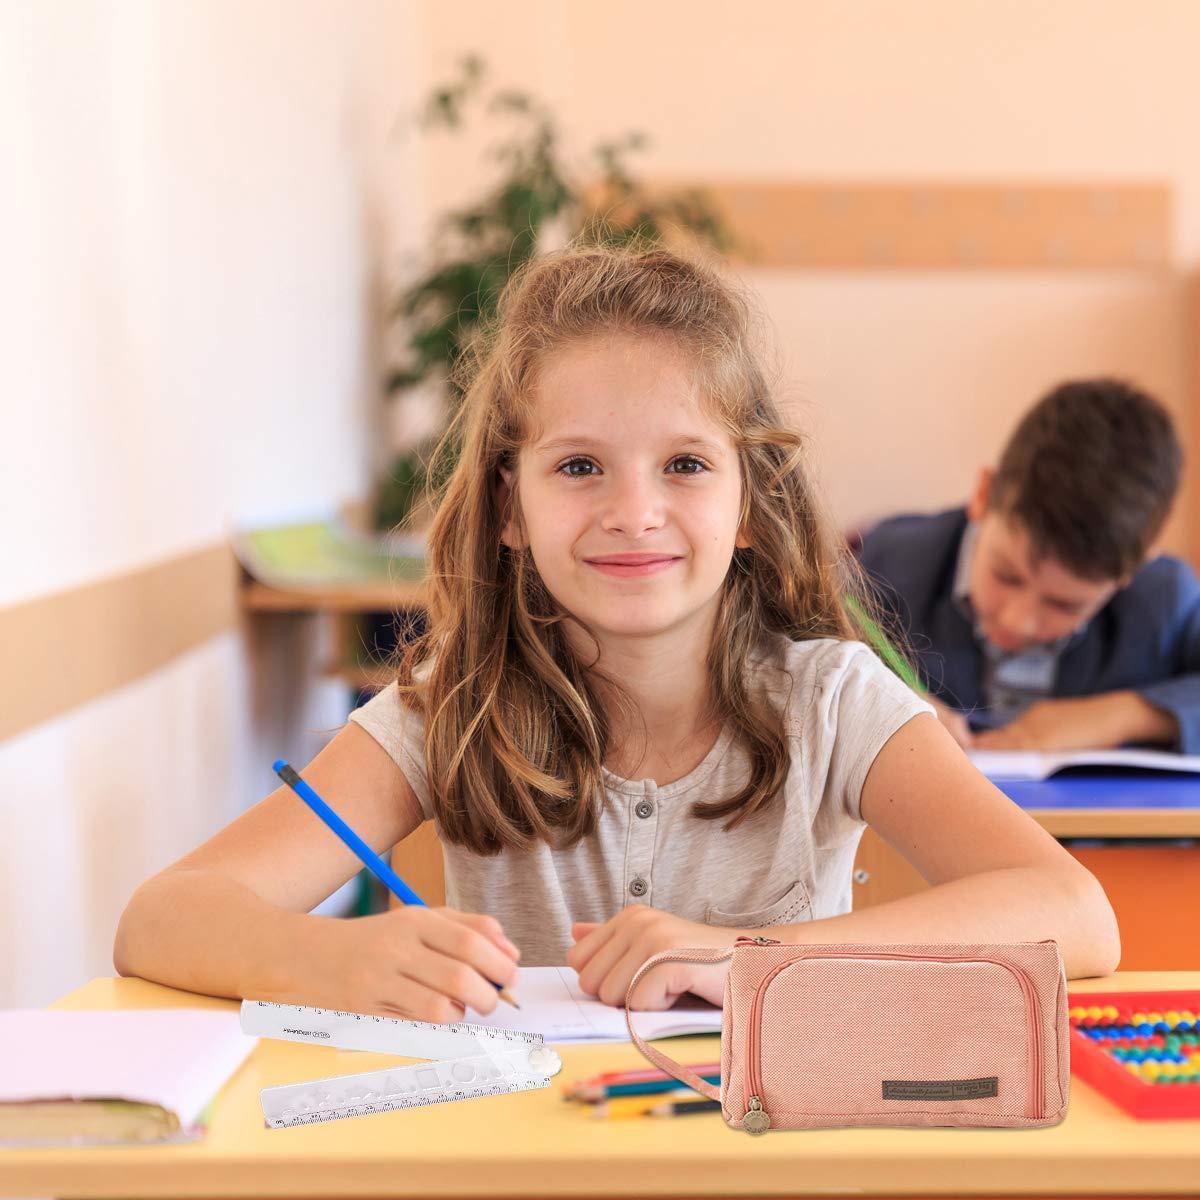 /étudiante Trousse Plumier Grande Trousse /à Crayons Rose Durable pour /école Bureau avec 1 R/ègle Pliable en Plastique 30 cm Adulte